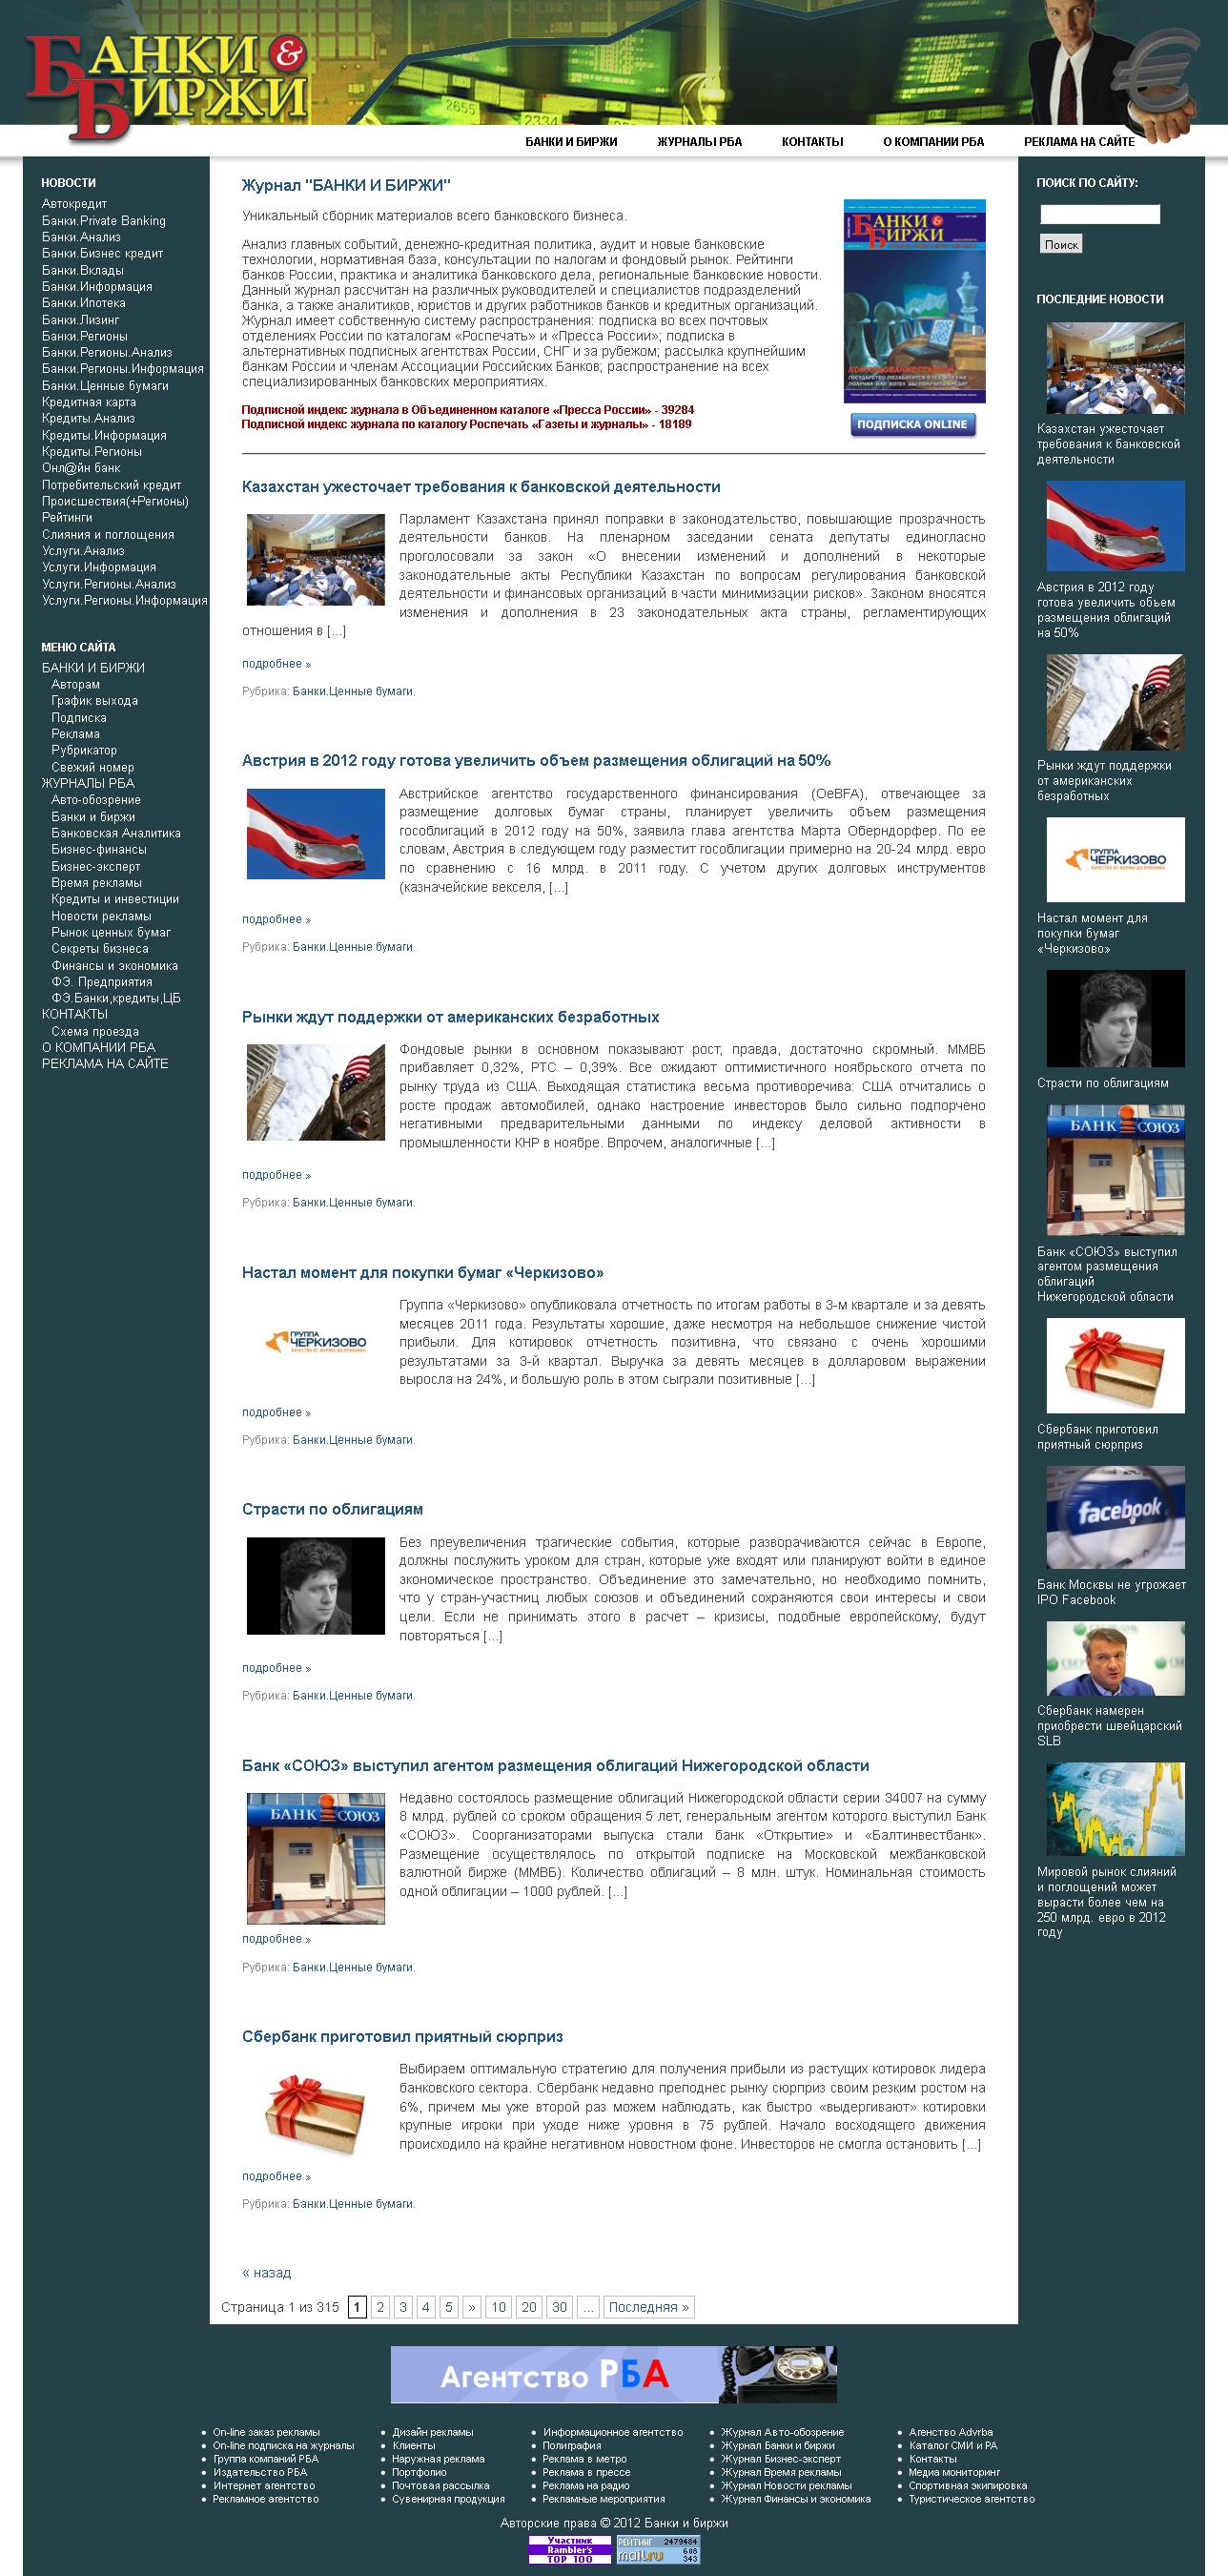 Журнал Банки и биржи